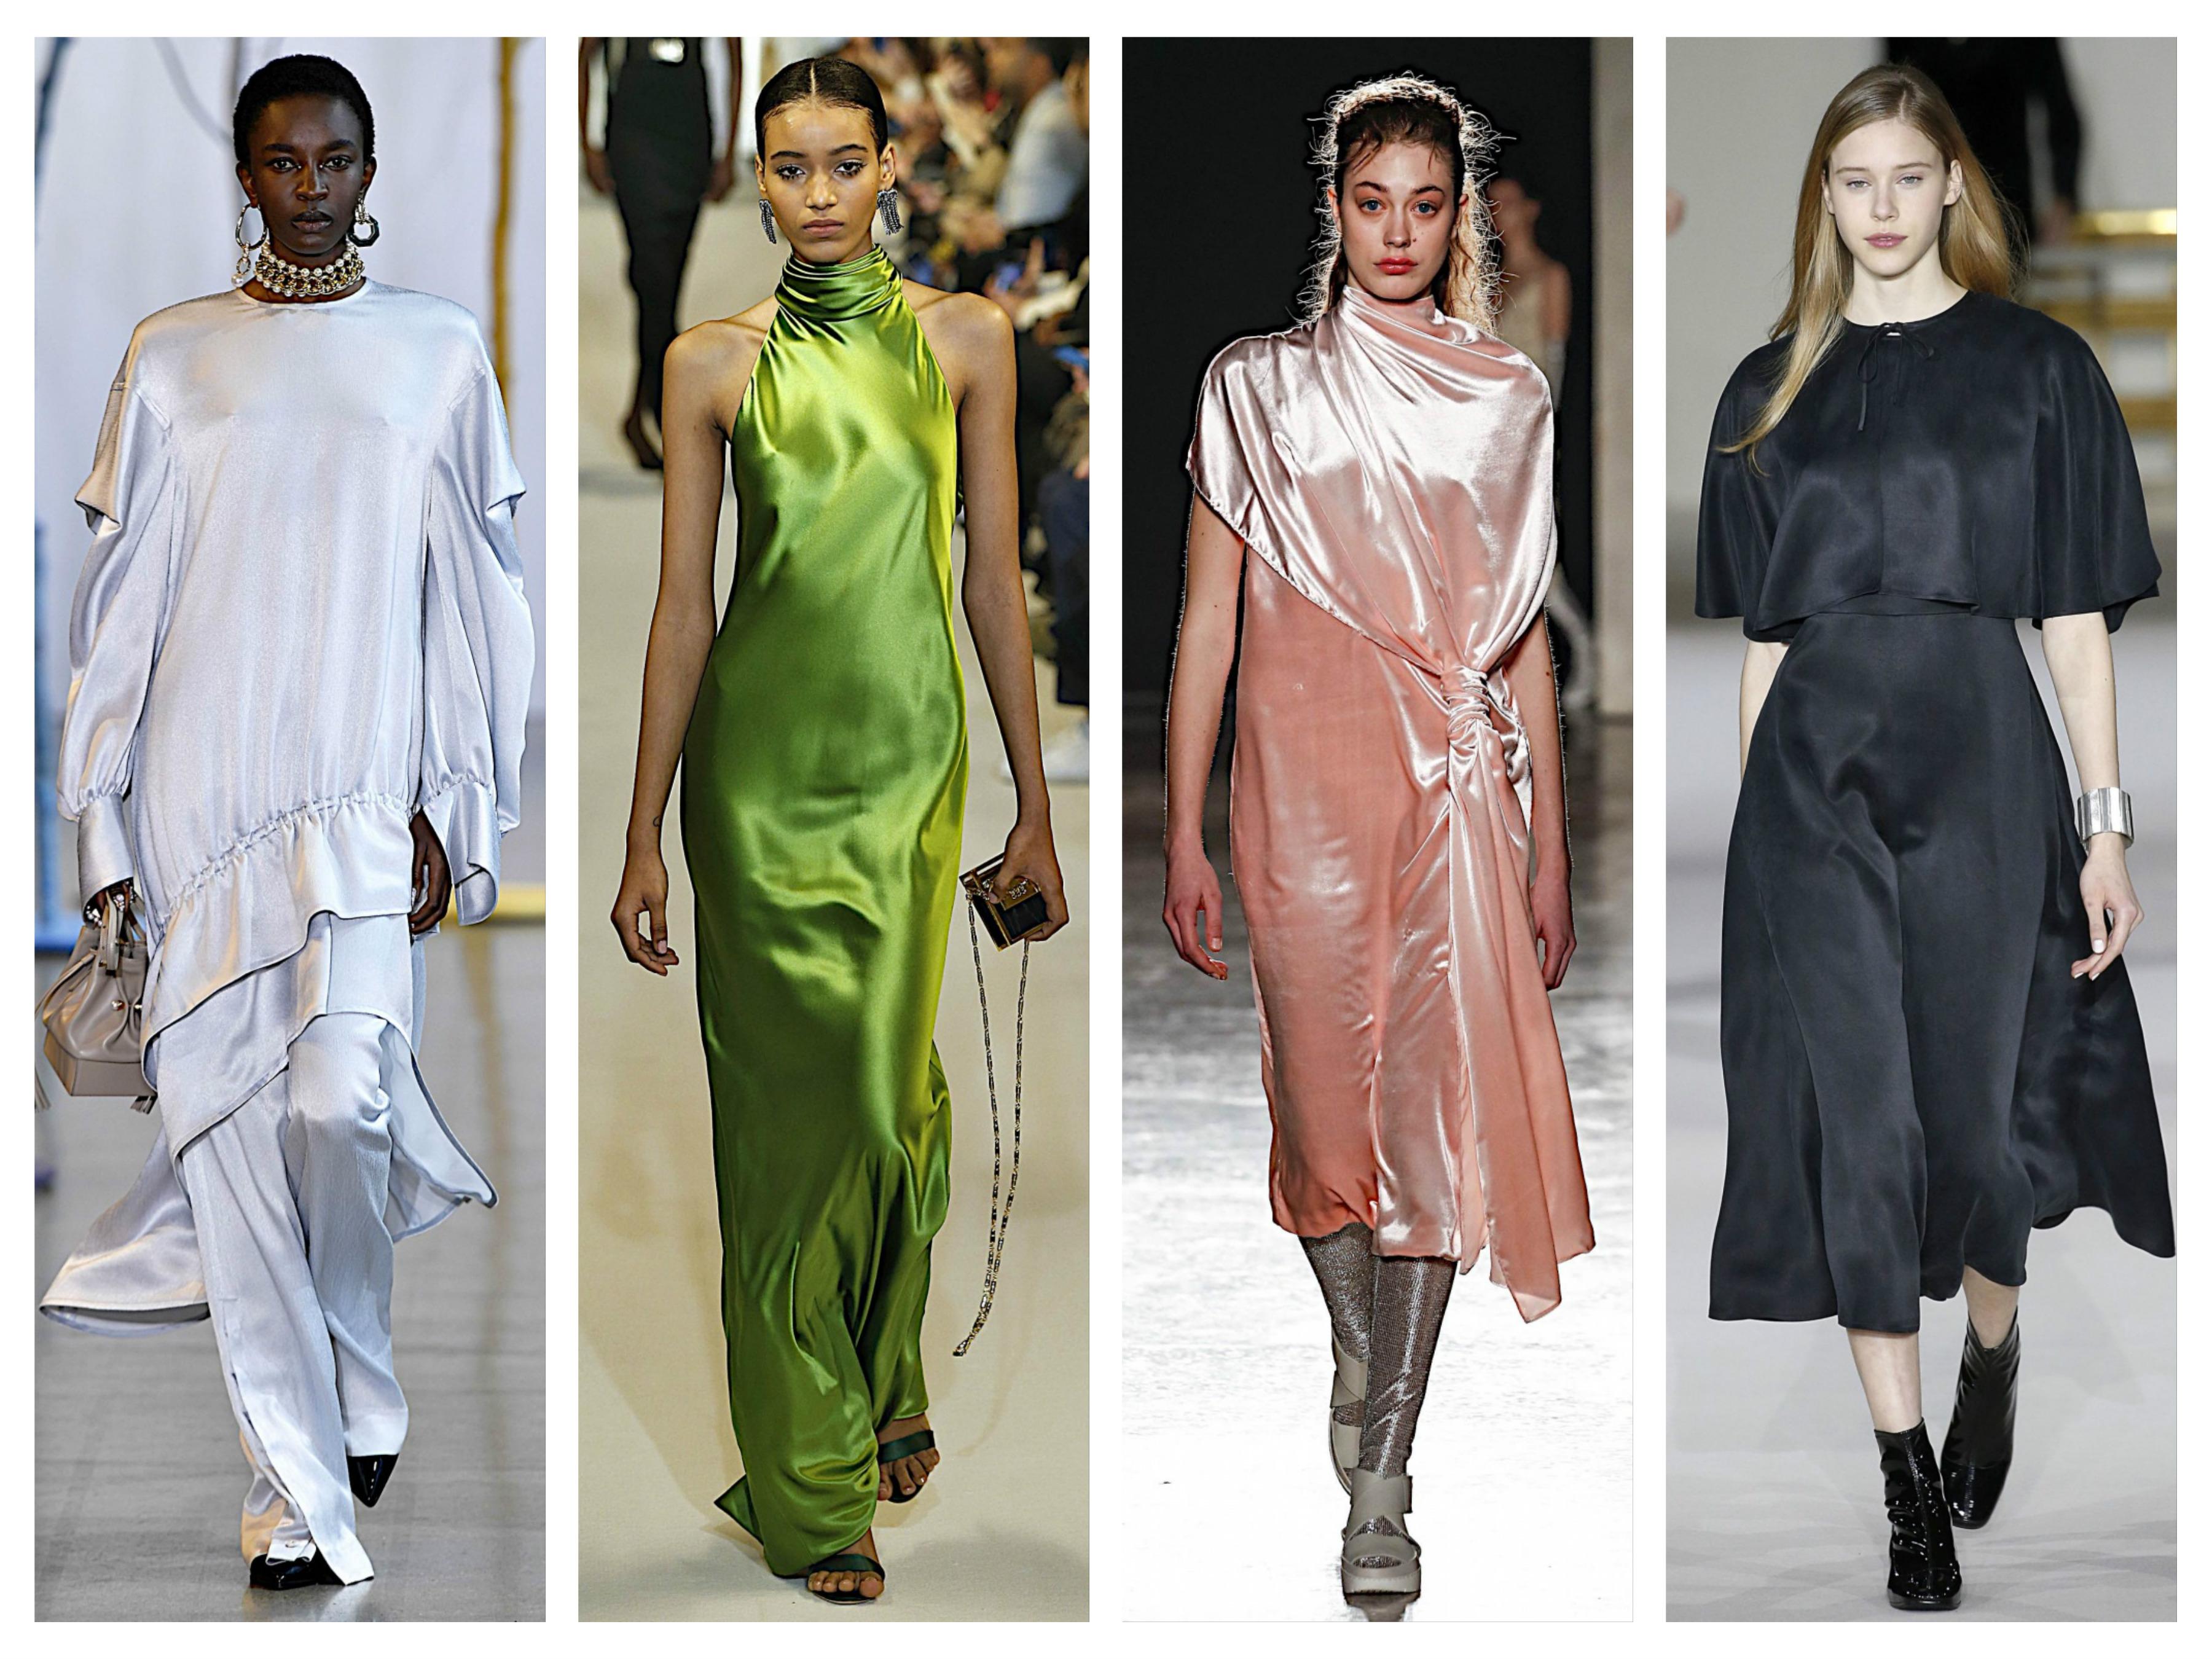 модные тенденции в одежде 2019